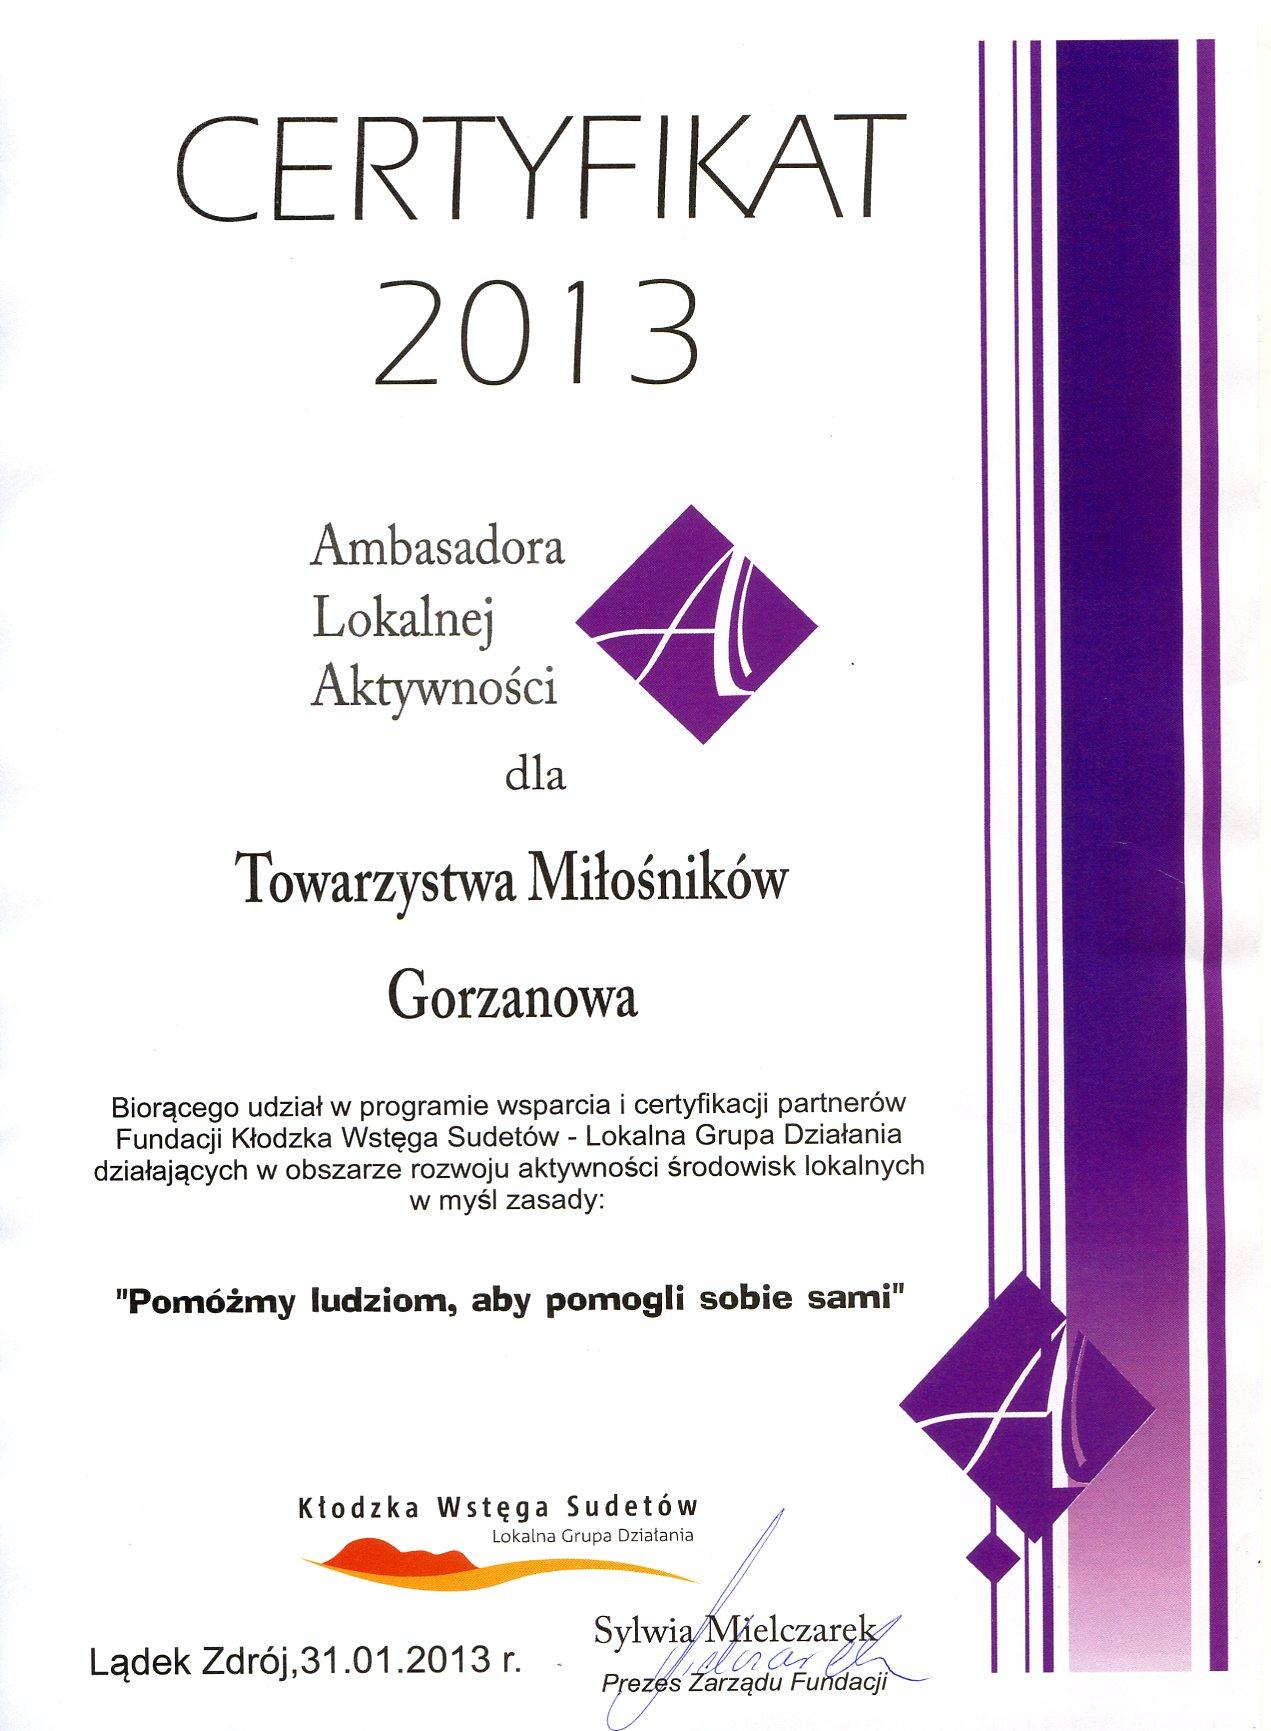 2013.01.31. Certyfikat_Ambasador Lokalnej Aktywności